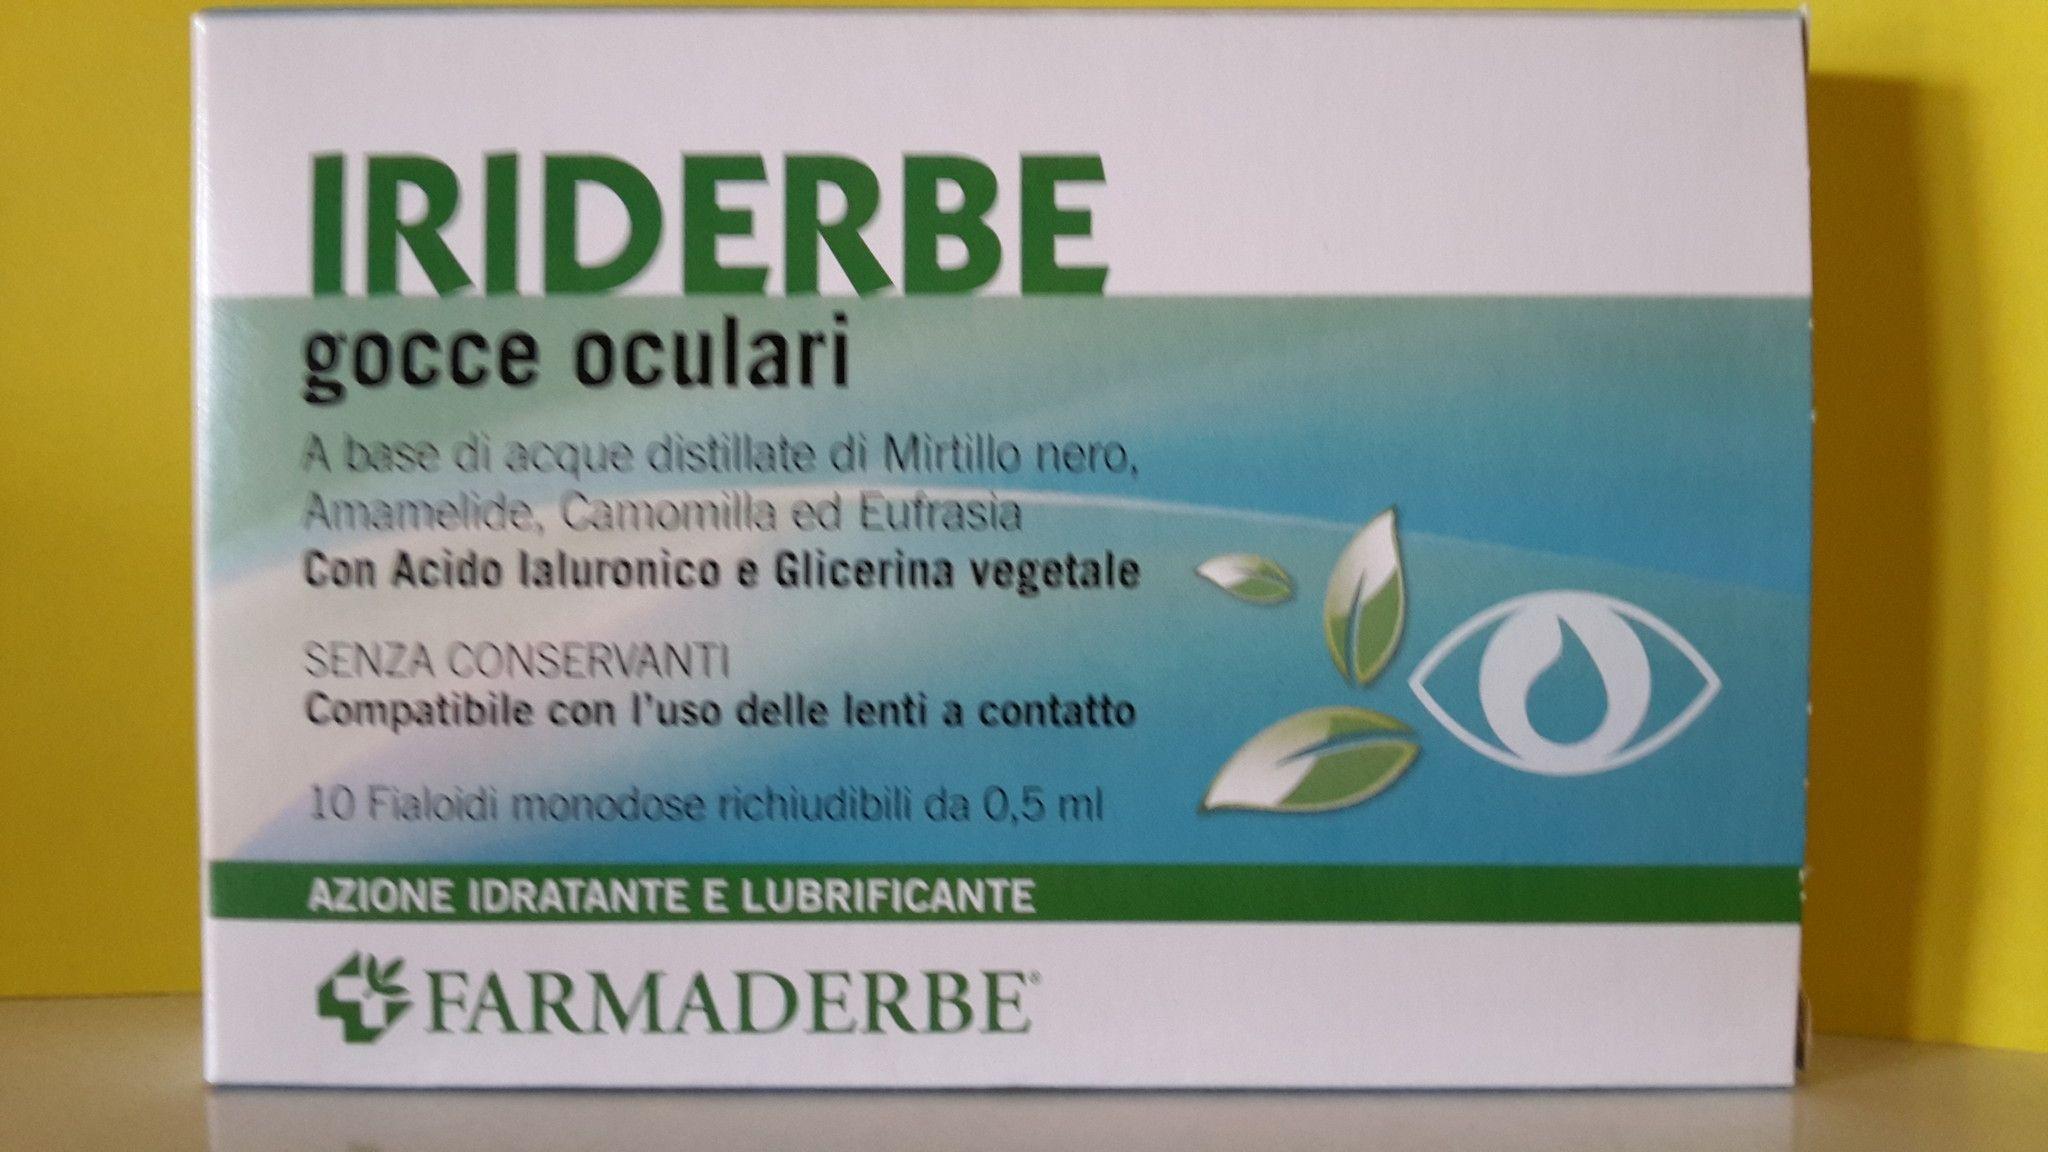 FARNMADERBE  COLLIRIO IRIDERBE  10 Fialoidi Monodose Richiudibili 0,5 ml